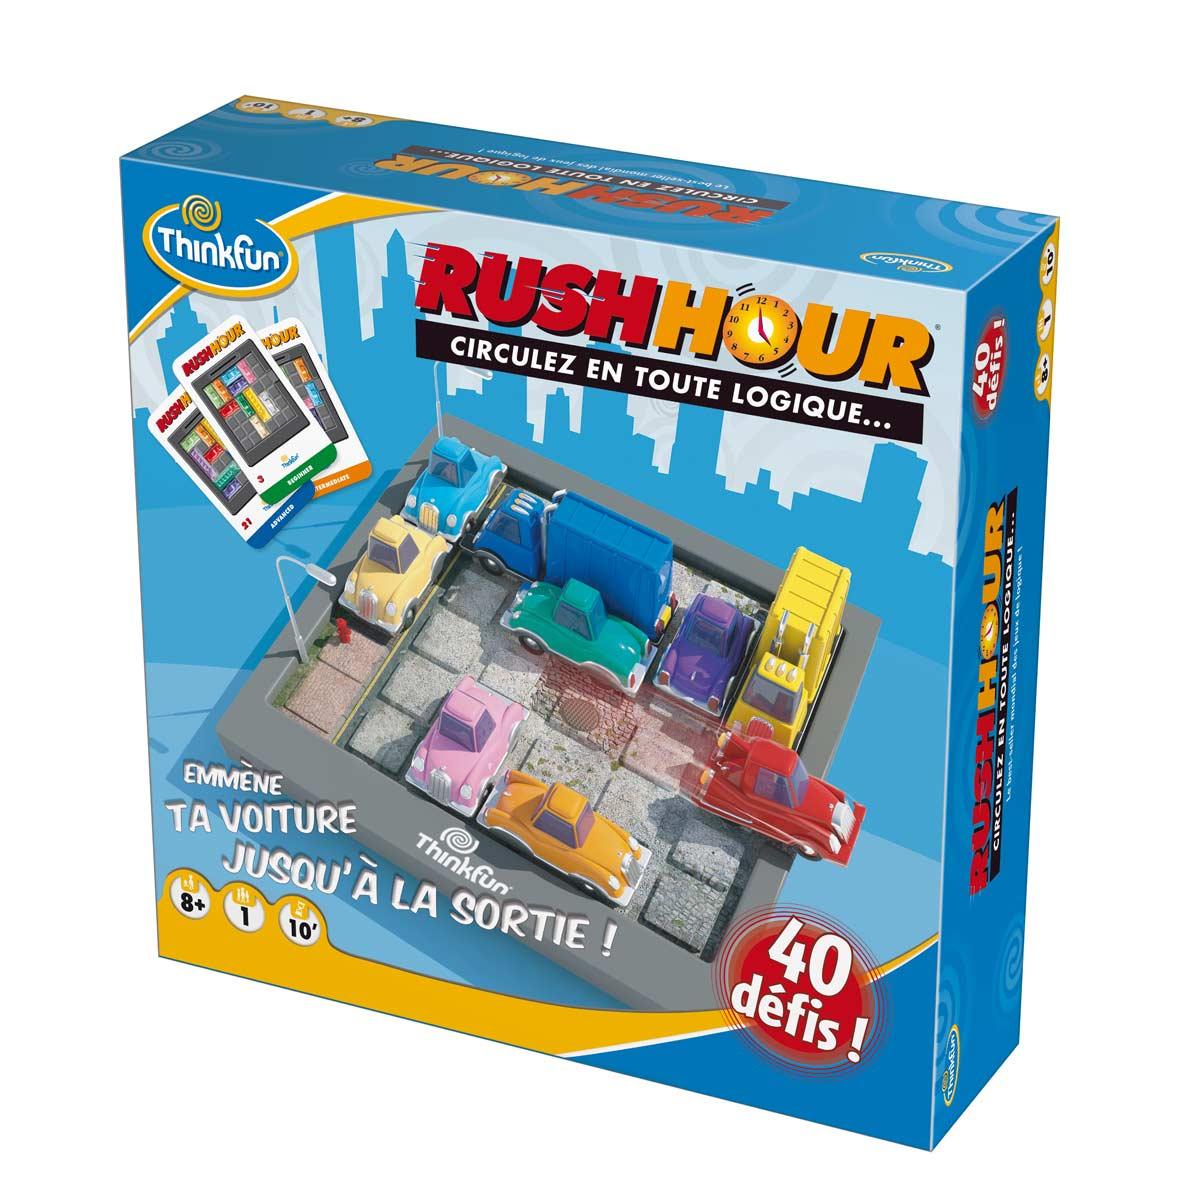 Casse-Tête Rush Hour à Jeux De Logique Enfant